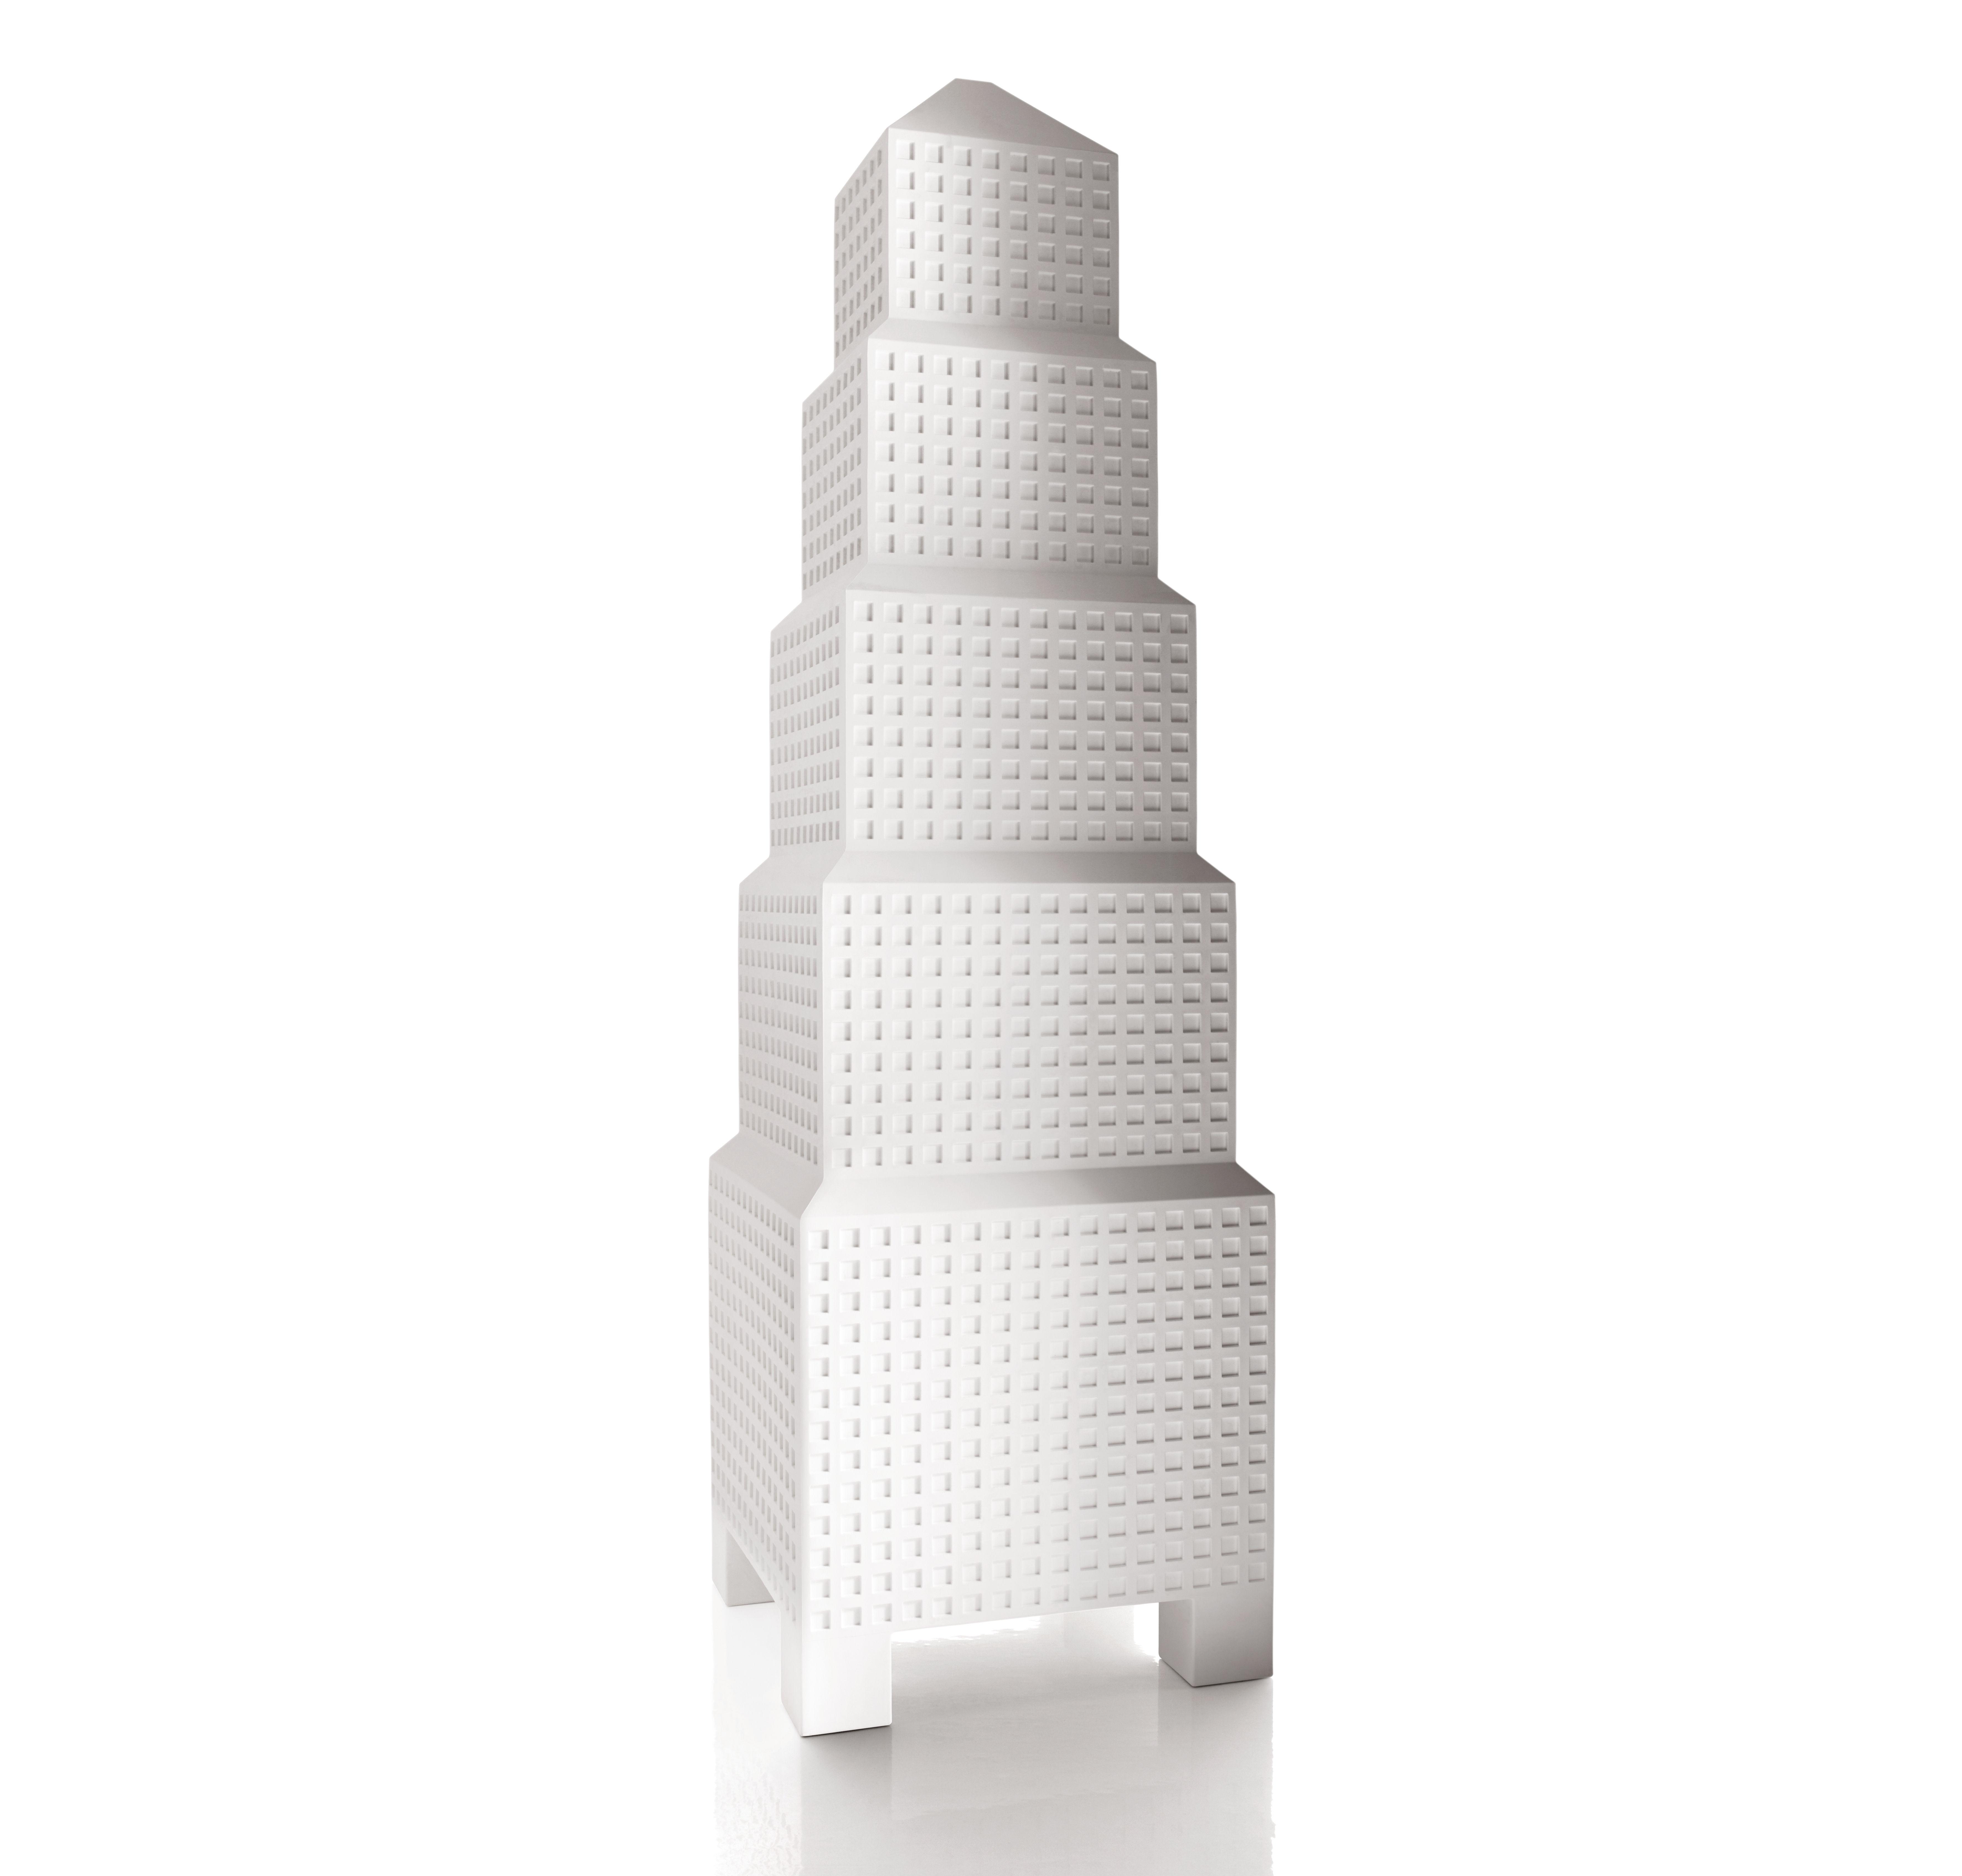 Arredamento - Scaffali e librerie - Scaffale Downtown - H 183 cm di Magis Collection Me Too - Bianco - Polietilene